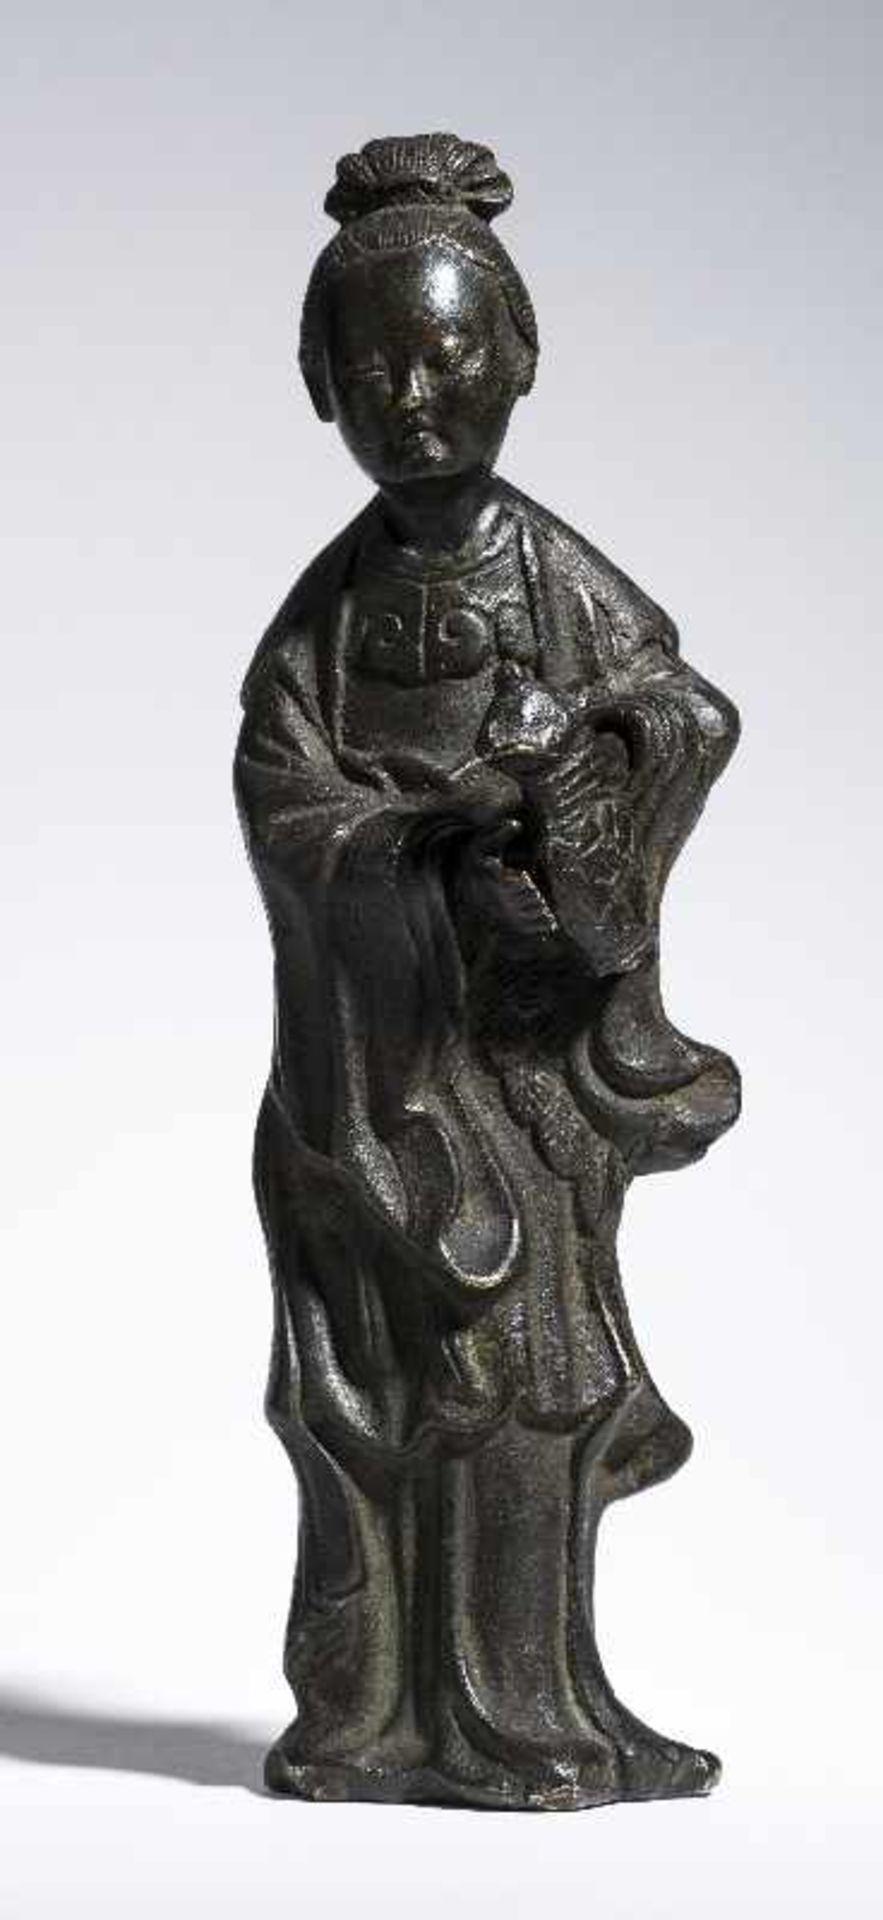 UNSTERBLICHE MIT WASSERKANNE Gelbe Bronze. China, Qing 19. Jh. Vermutlich eine Fee, möglicherweise